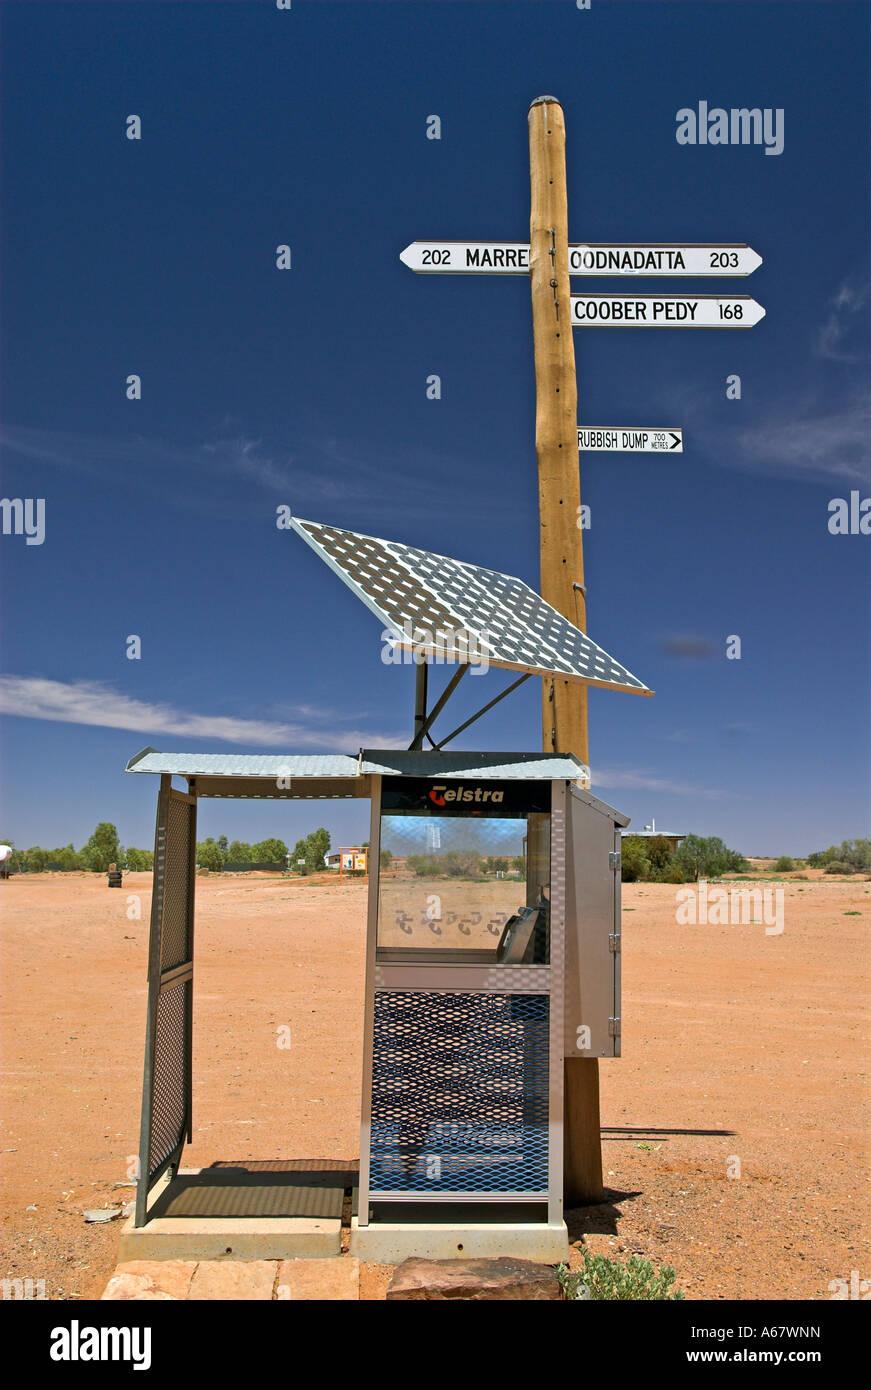 Phone Booth azionata da energia solare a William Creek, South Australia, Australia Immagini Stock